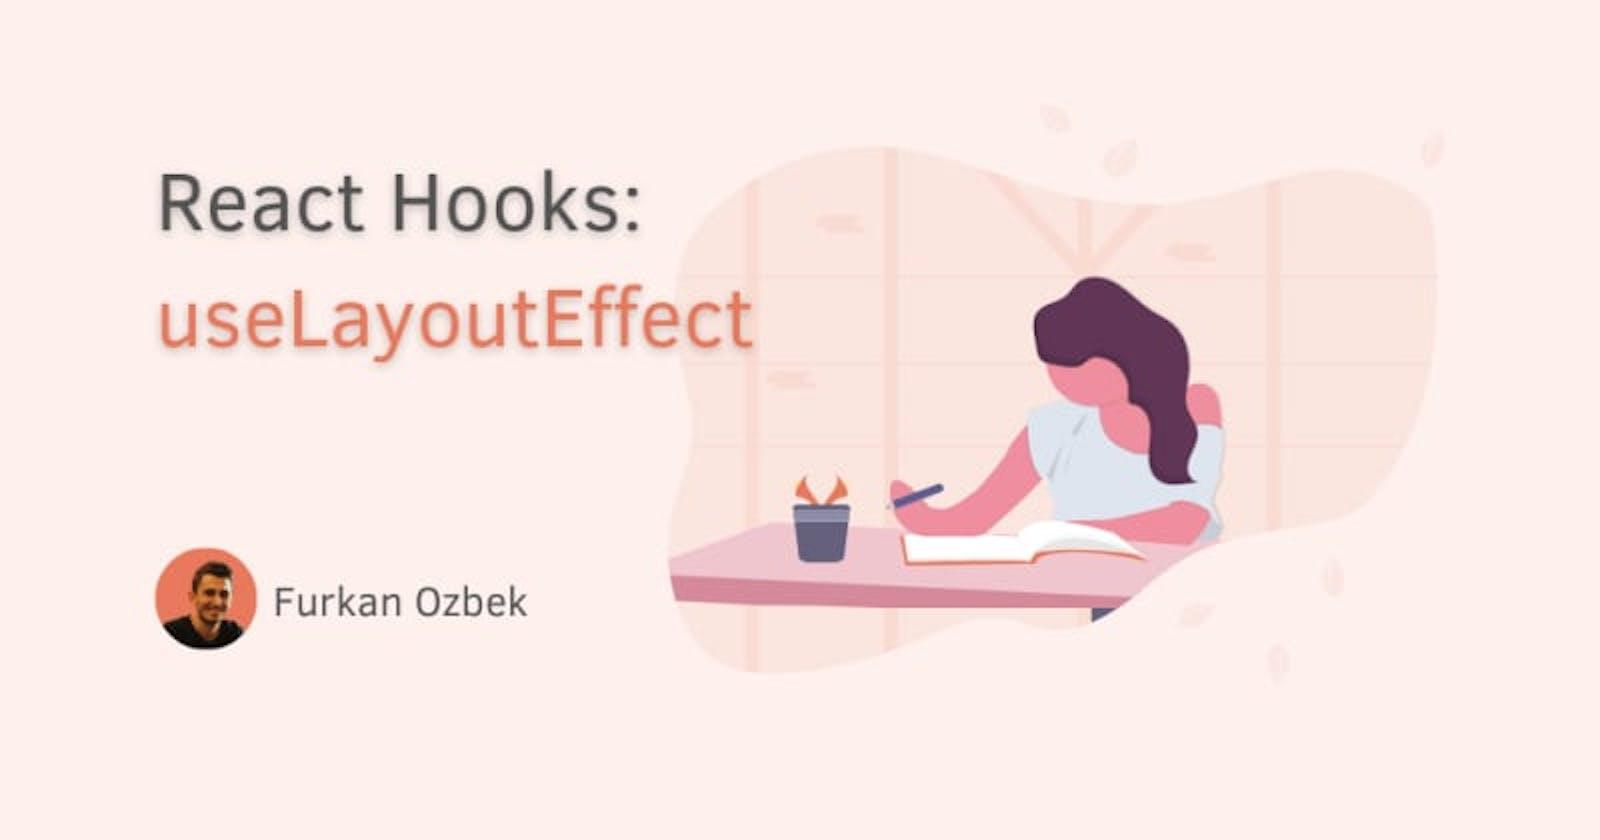 React Hooks: useLayoutEffect